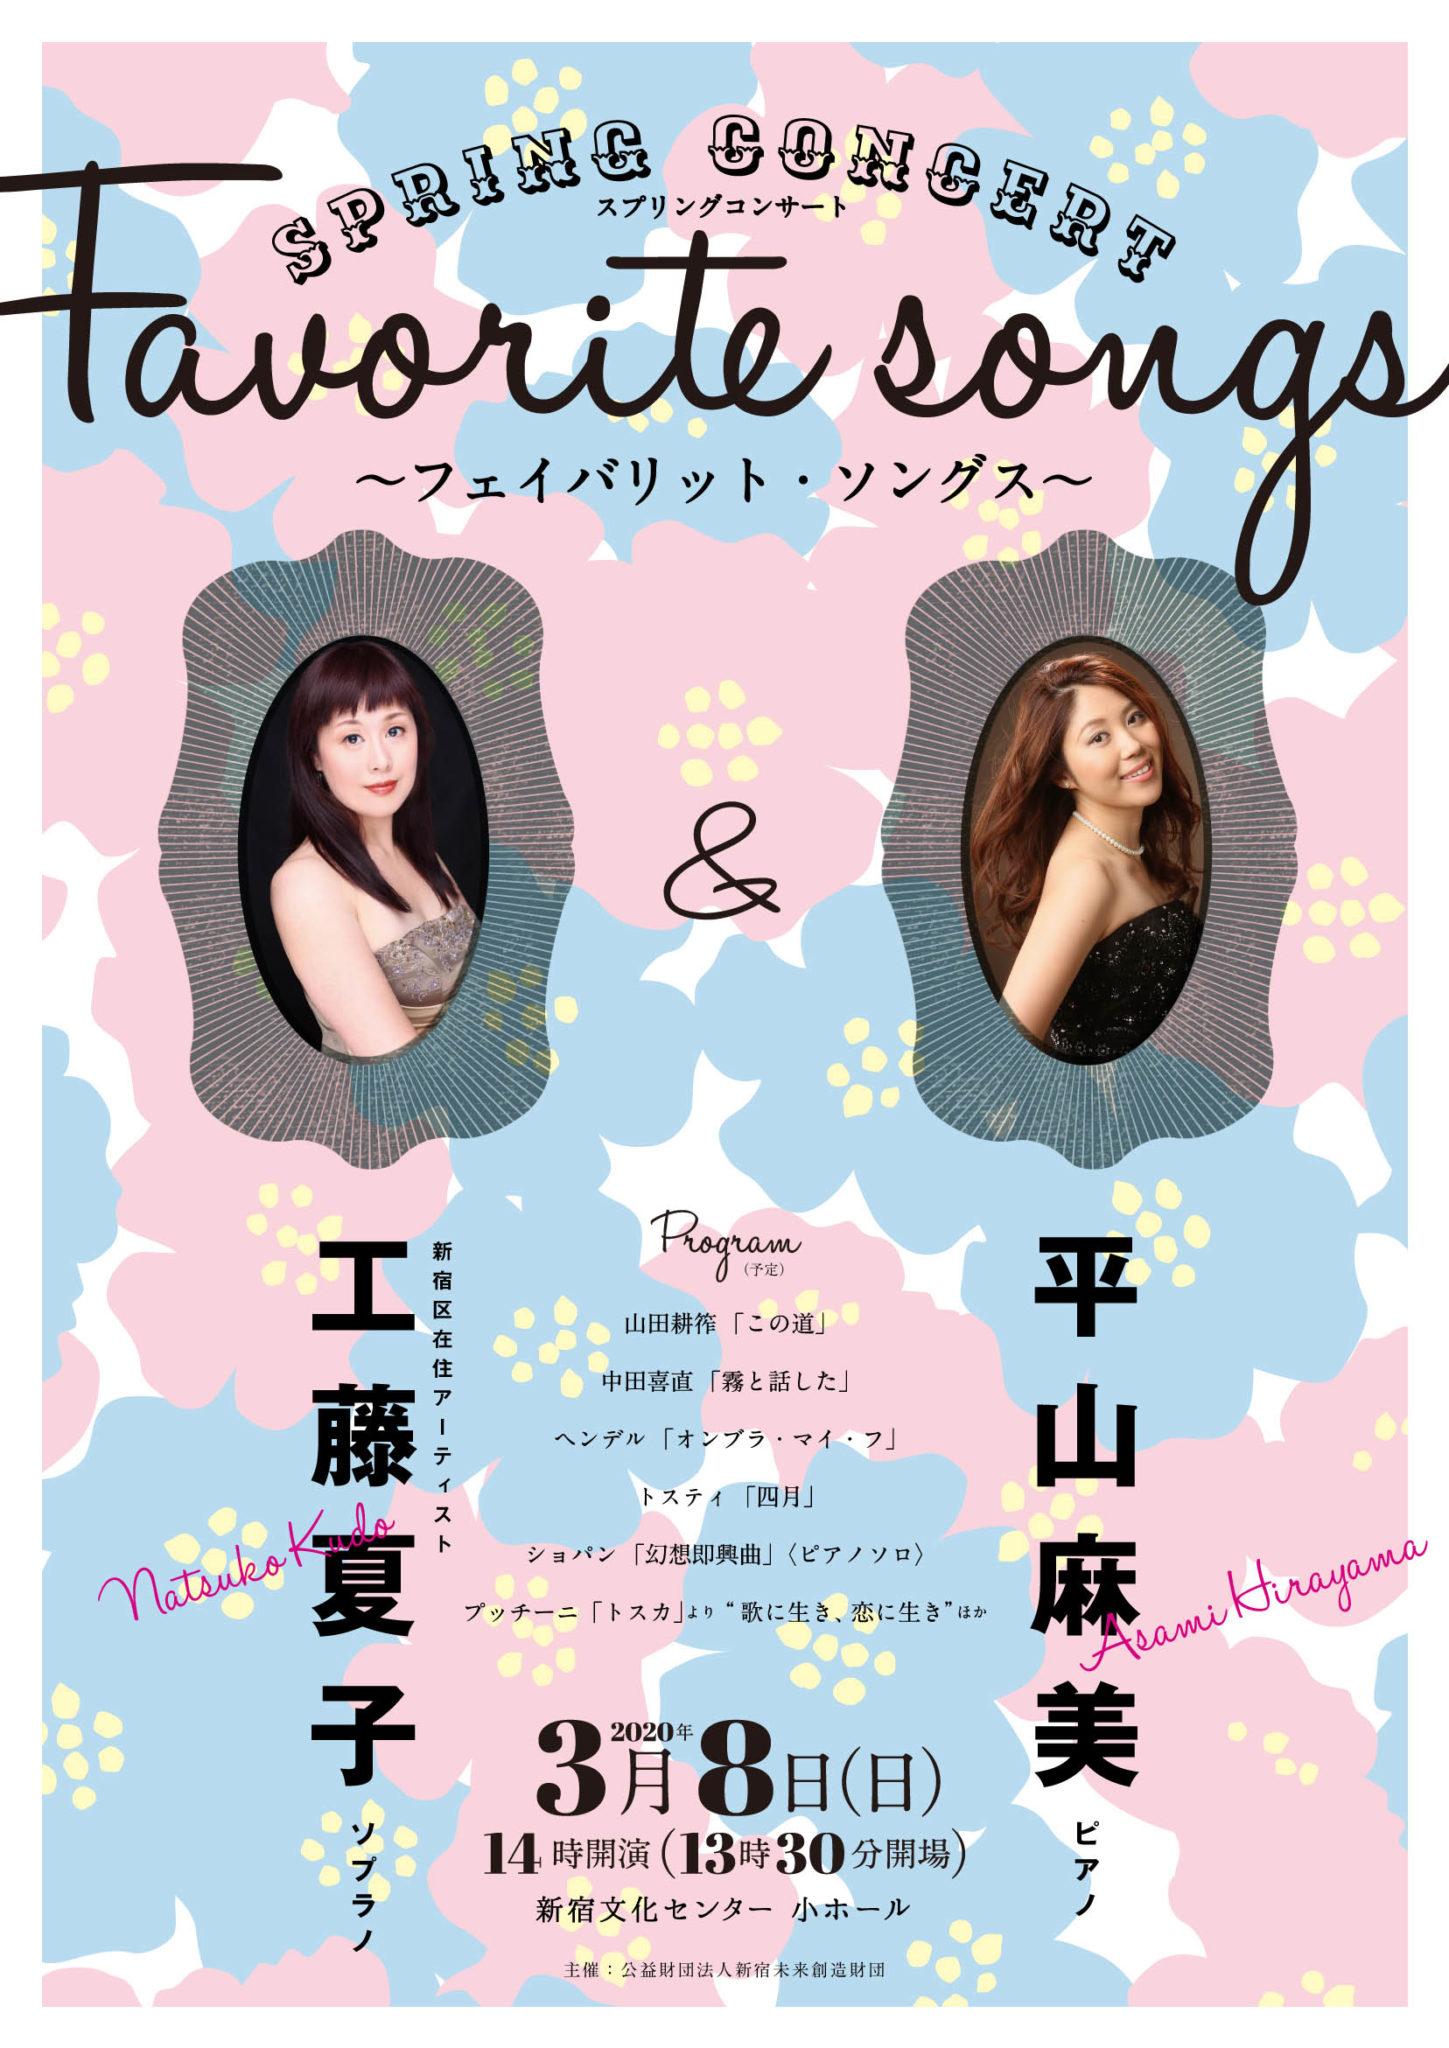 【中止】スプリングコンサート〜 Favorite songs 〜